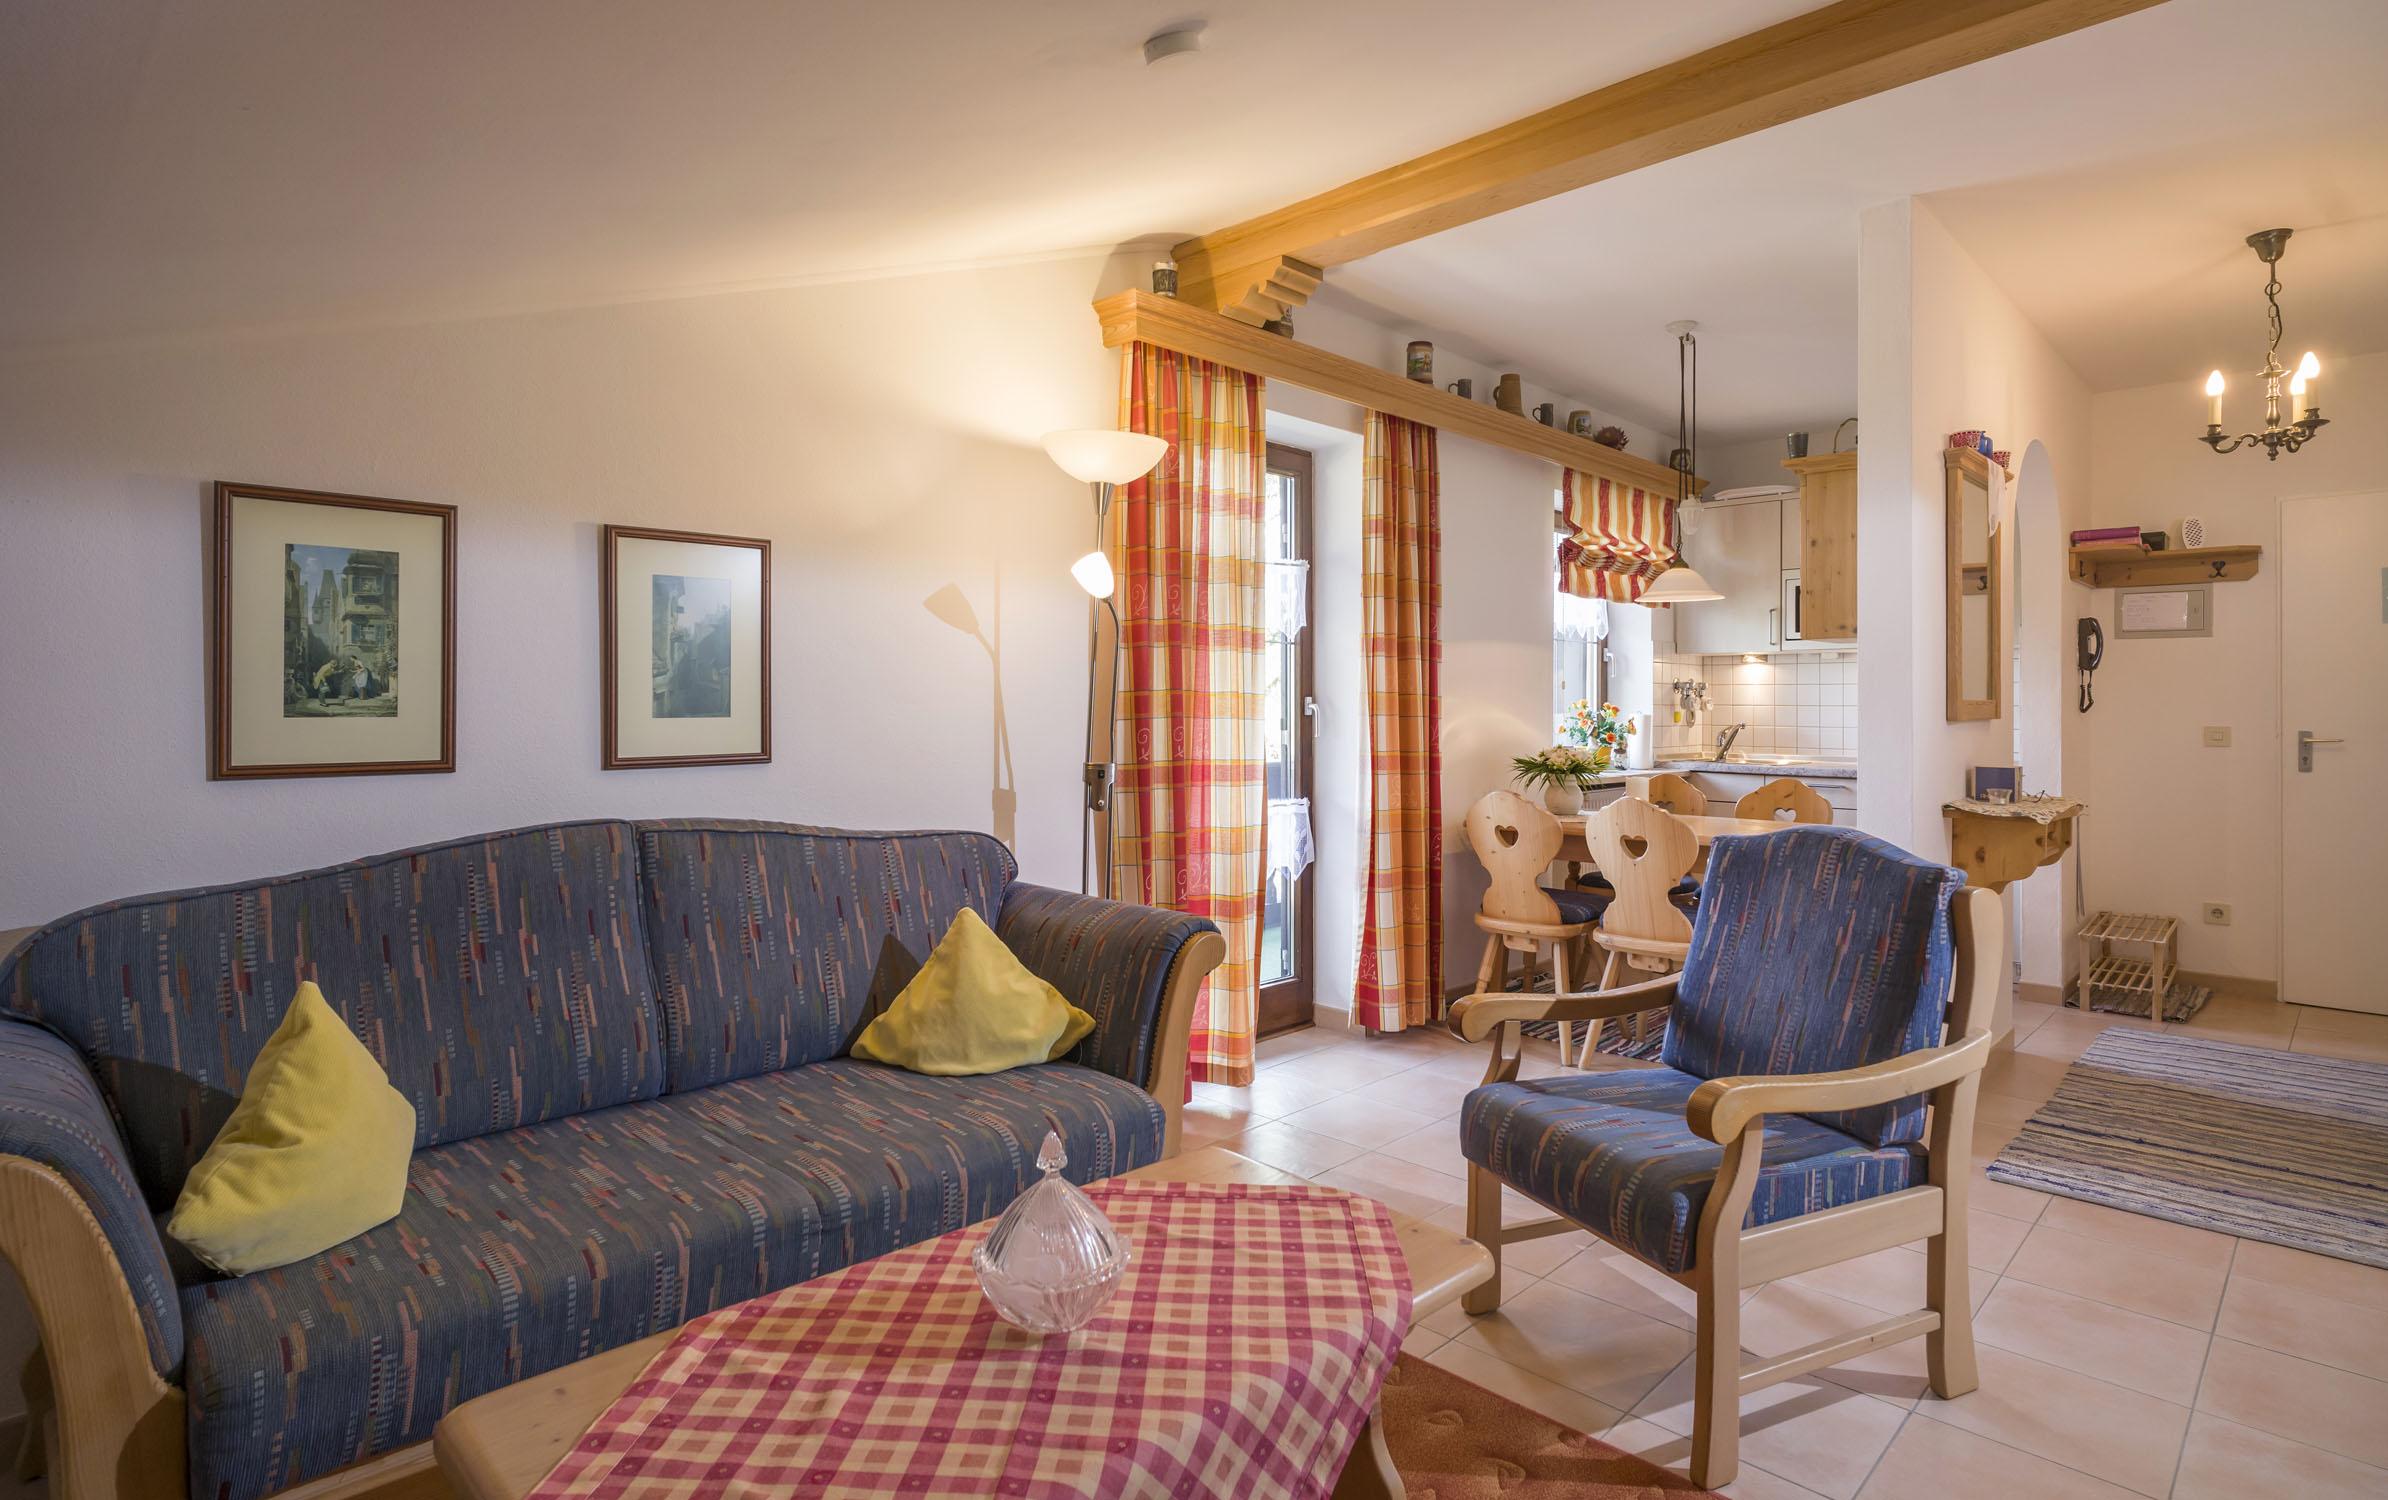 Ferienwohnung Dannapfel im Bergschlößl (DE Oberaudorf). 2-Zimmer Ferienwohnung (710001), Oberaudorf, Chiemgau, Bayern, Deutschland, Bild 3